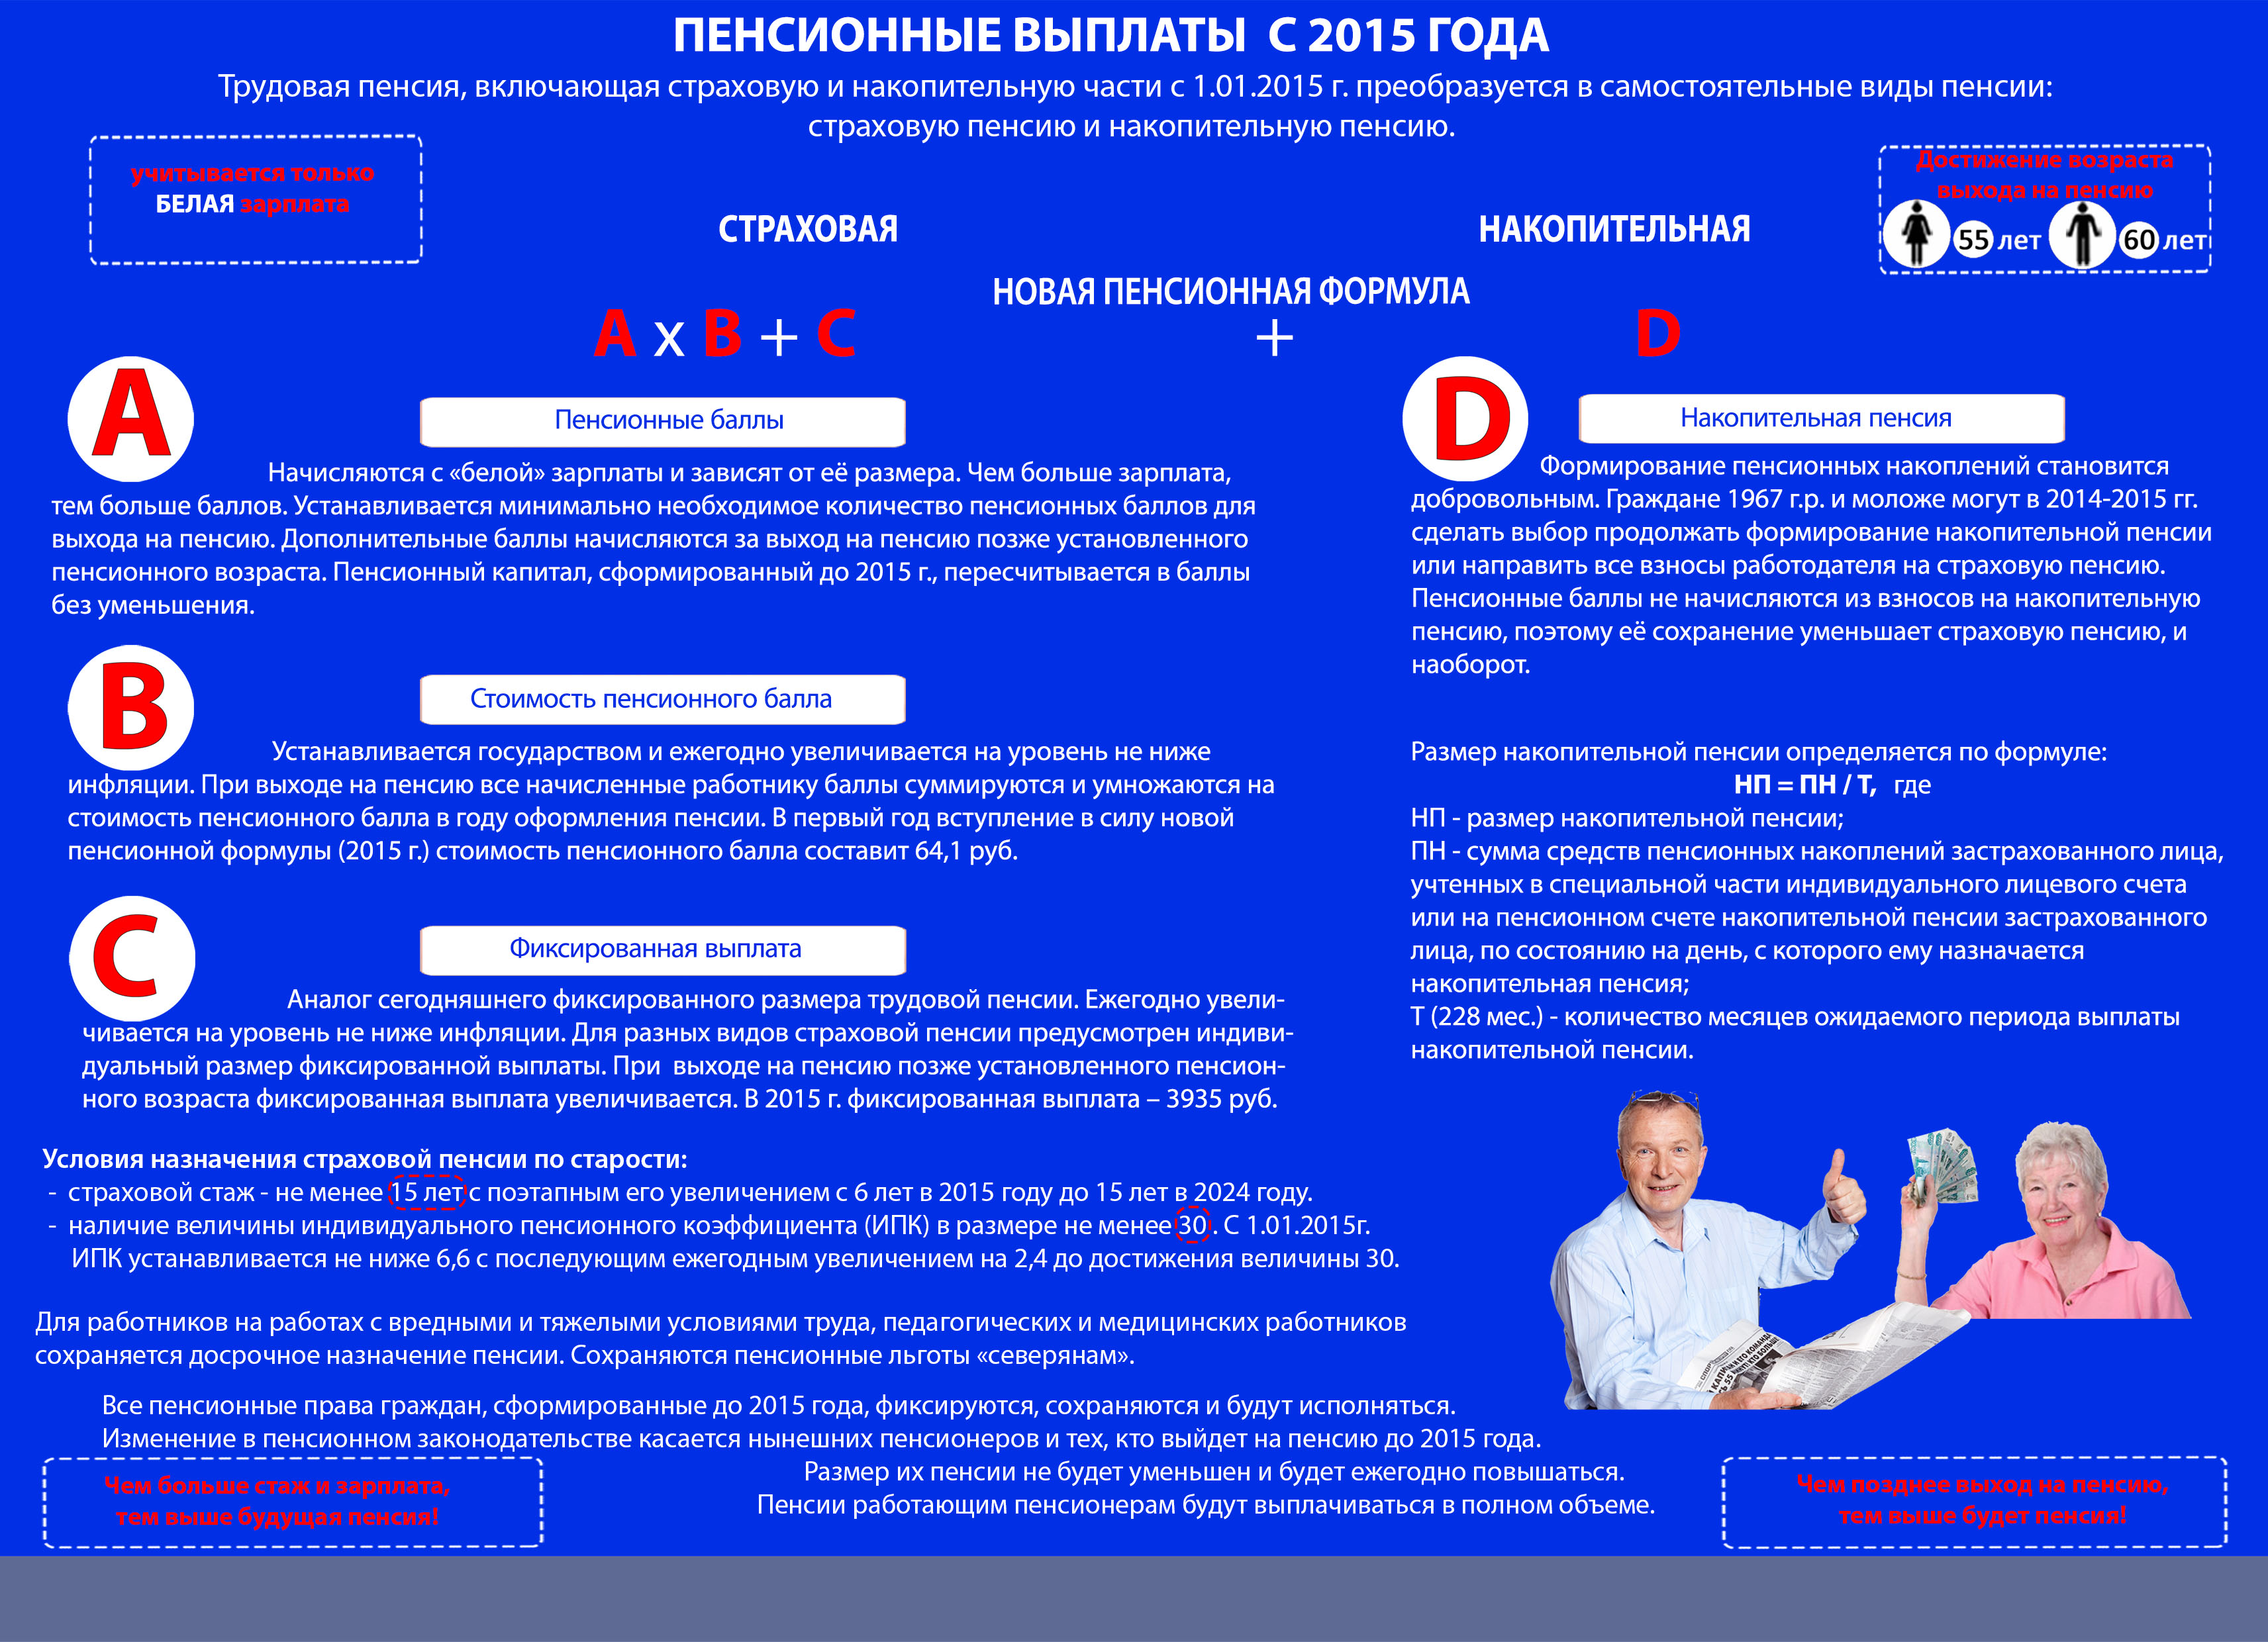 Профилактика аутоиммунных гепатитов